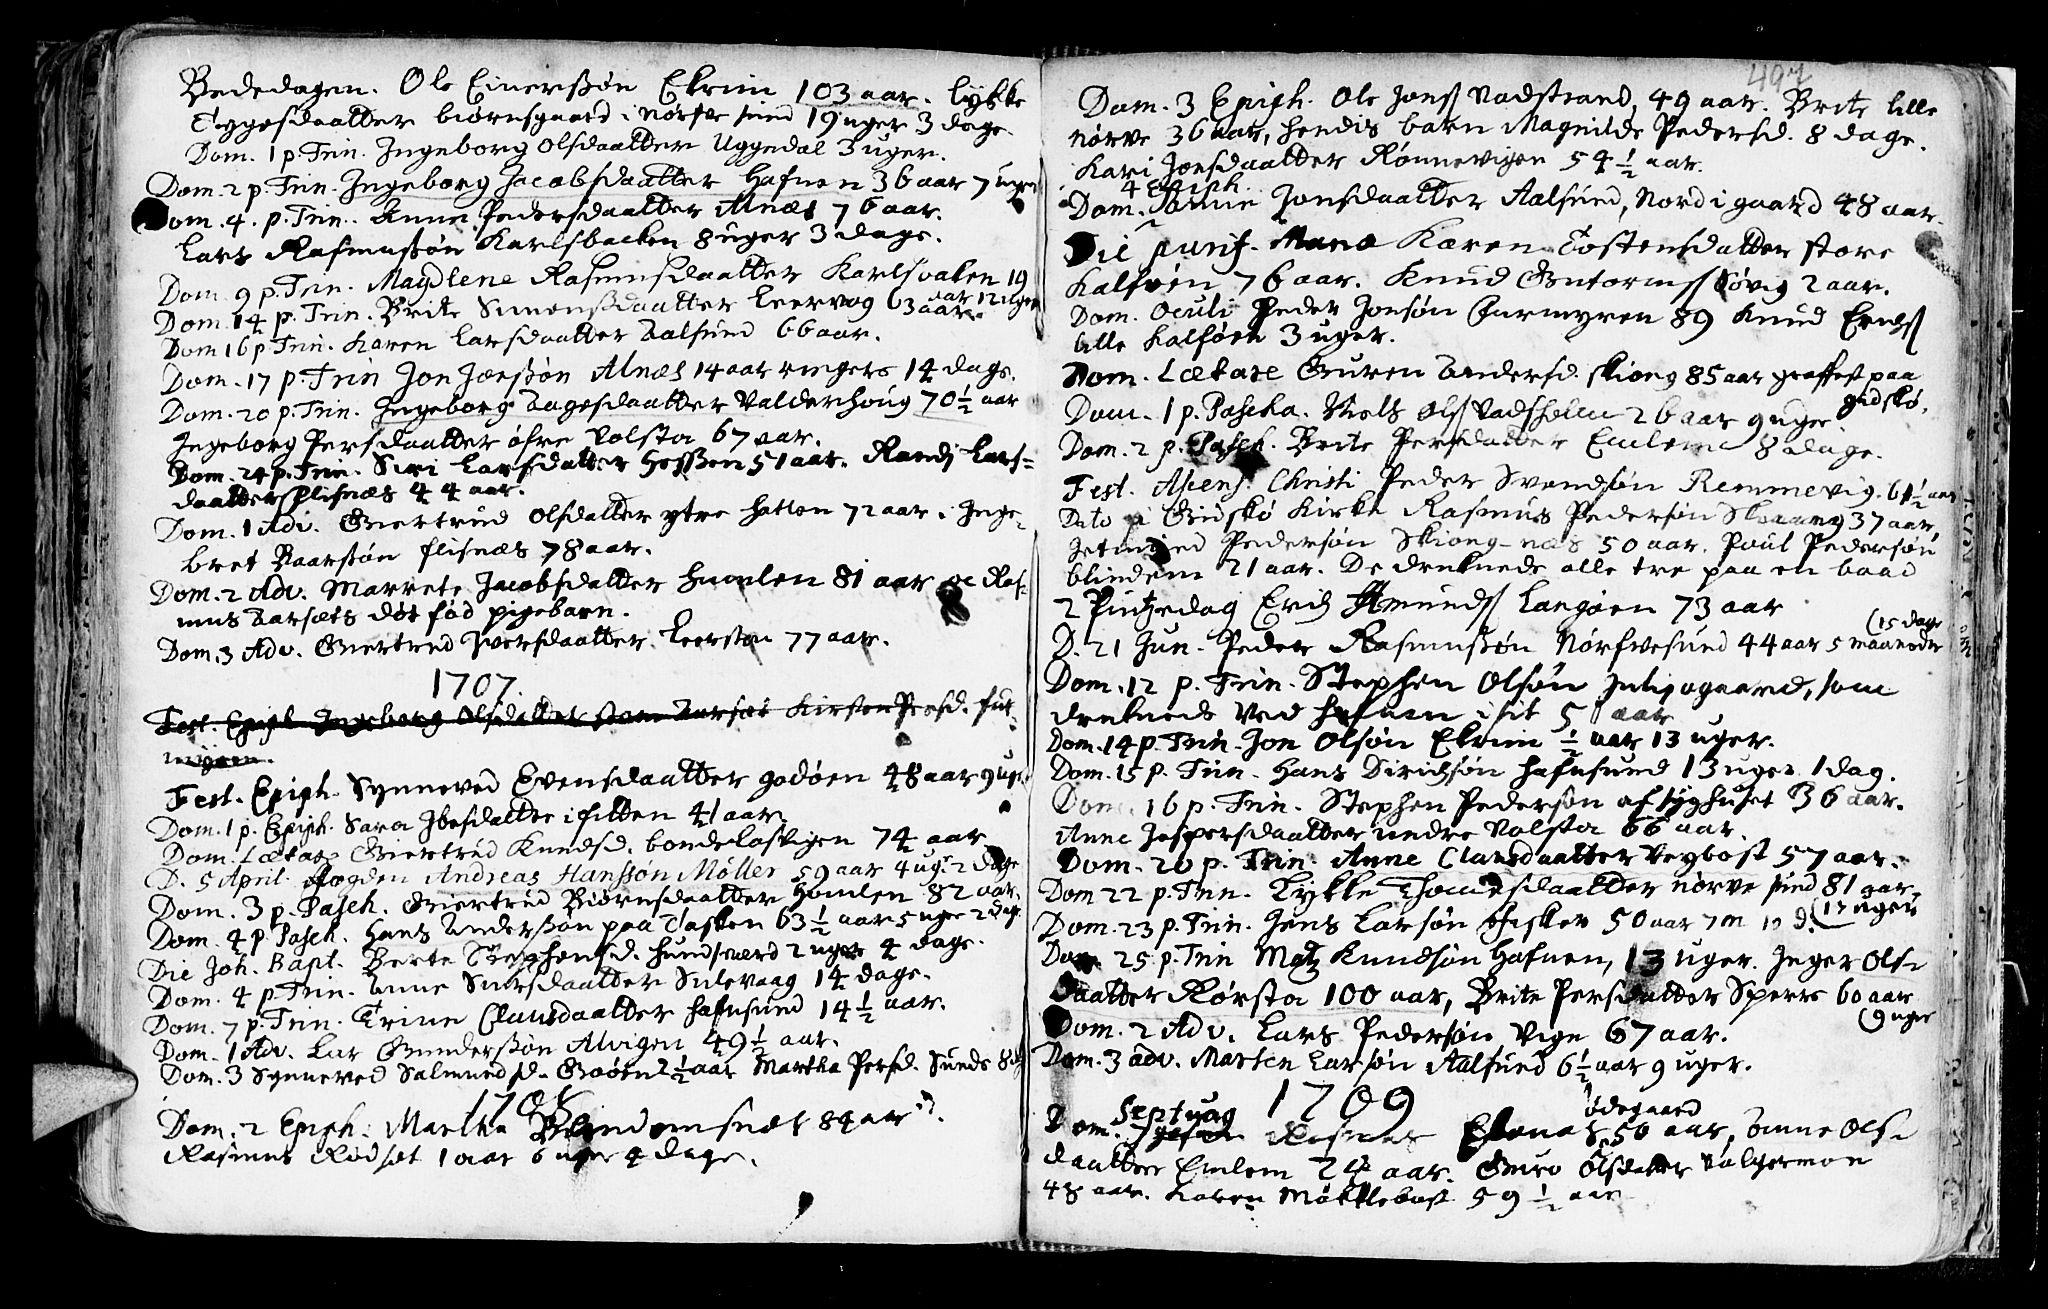 SAT, Ministerialprotokoller, klokkerbøker og fødselsregistre - Møre og Romsdal, 528/L0390: Ministerialbok nr. 528A01, 1698-1739, s. 496-497